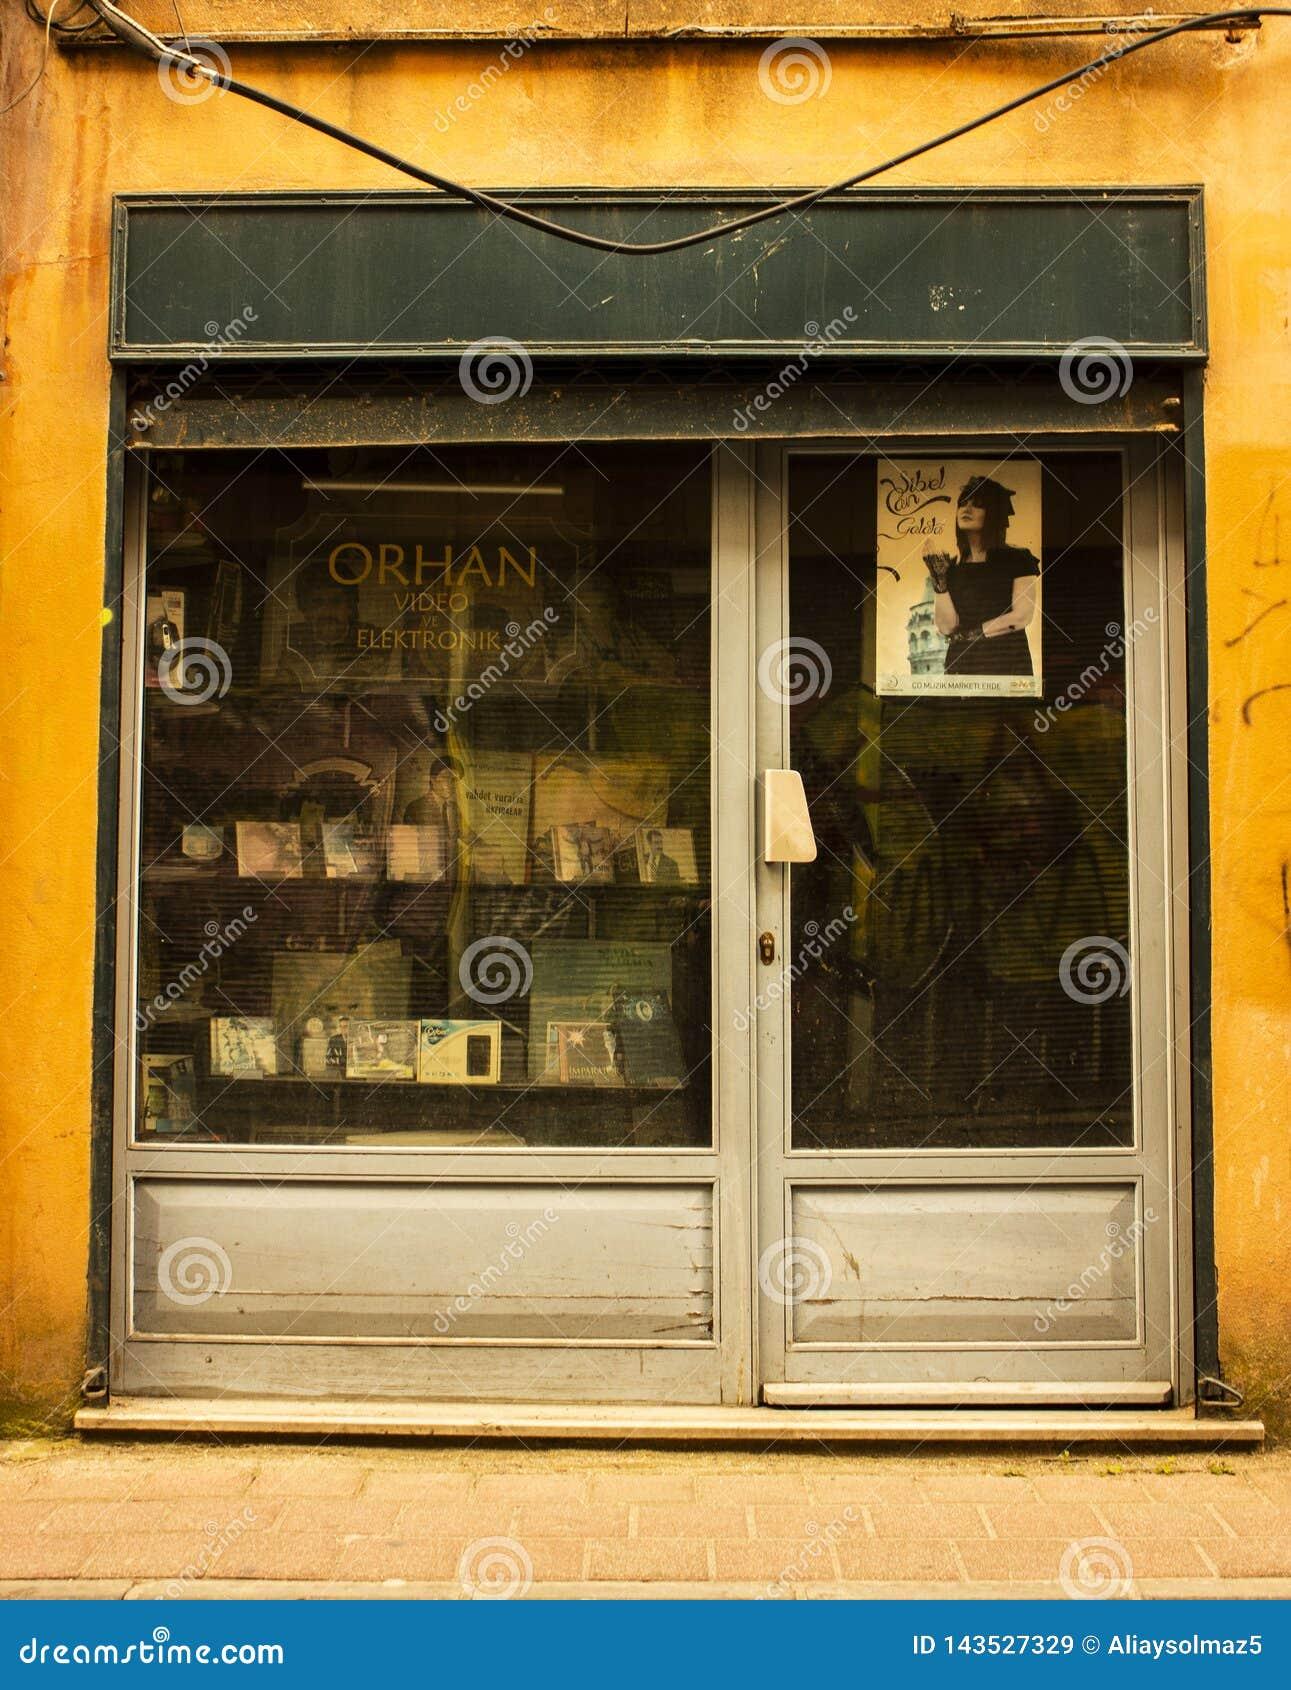 Istanbul, Balat/Turquie 30 mars 2019, vieil album et magasin de bande